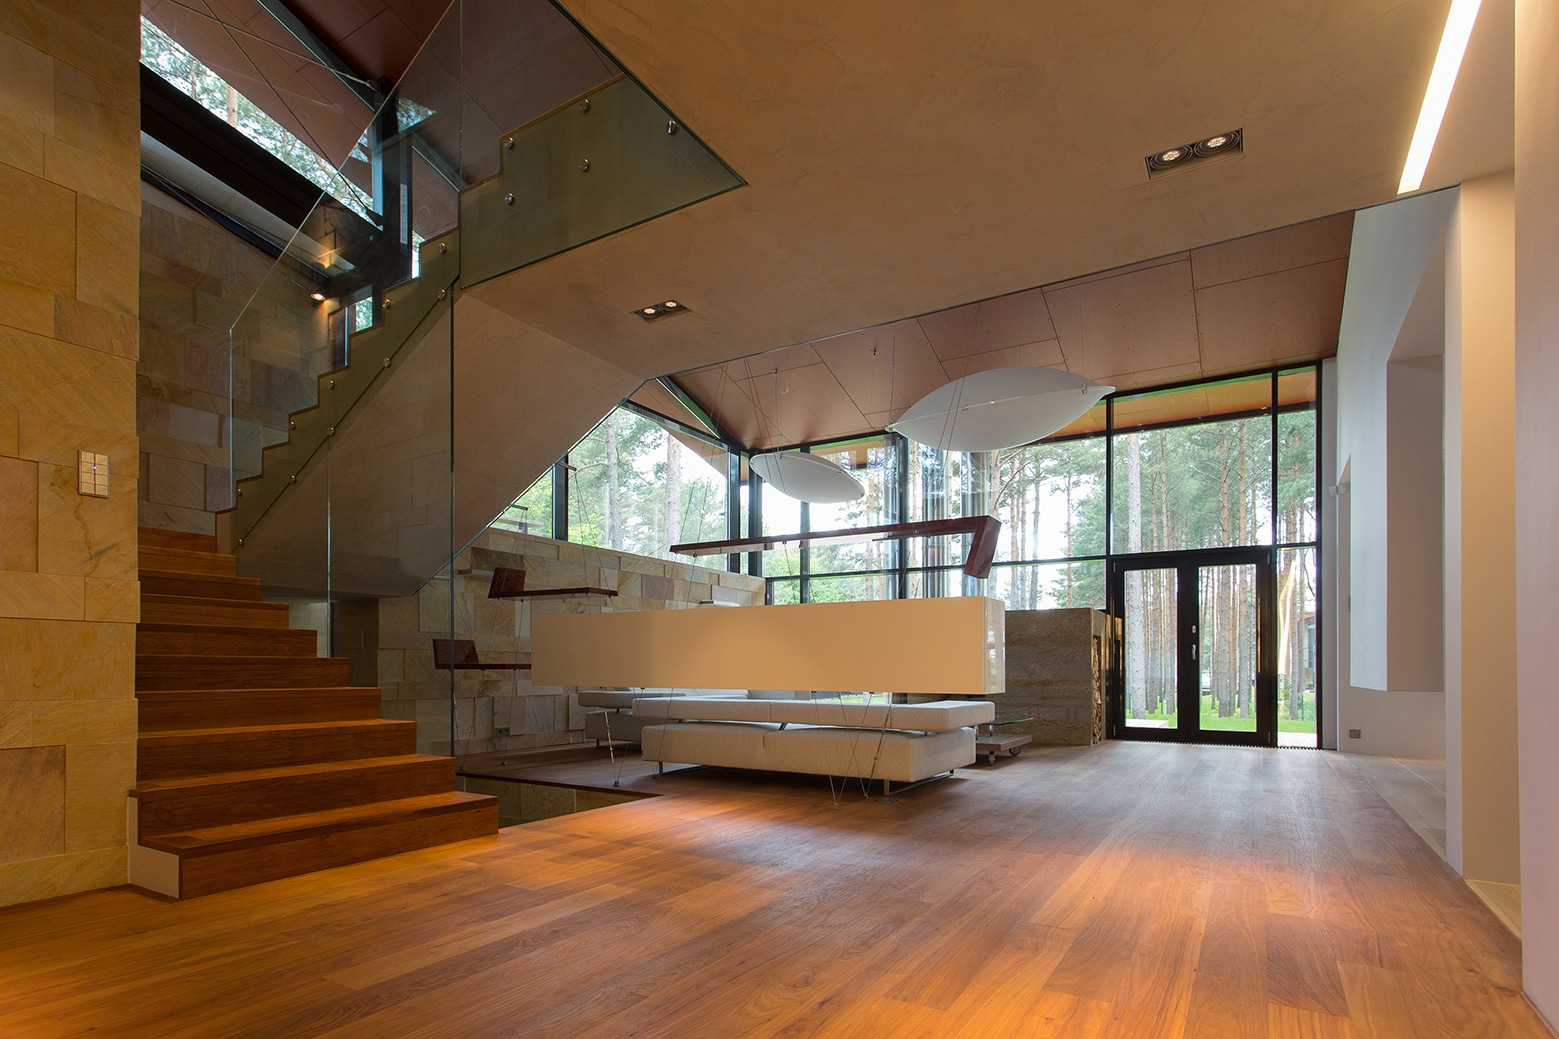 Casa de campo con planos dise o de fachada e interiores - Diseno de interiores casas modernas ...